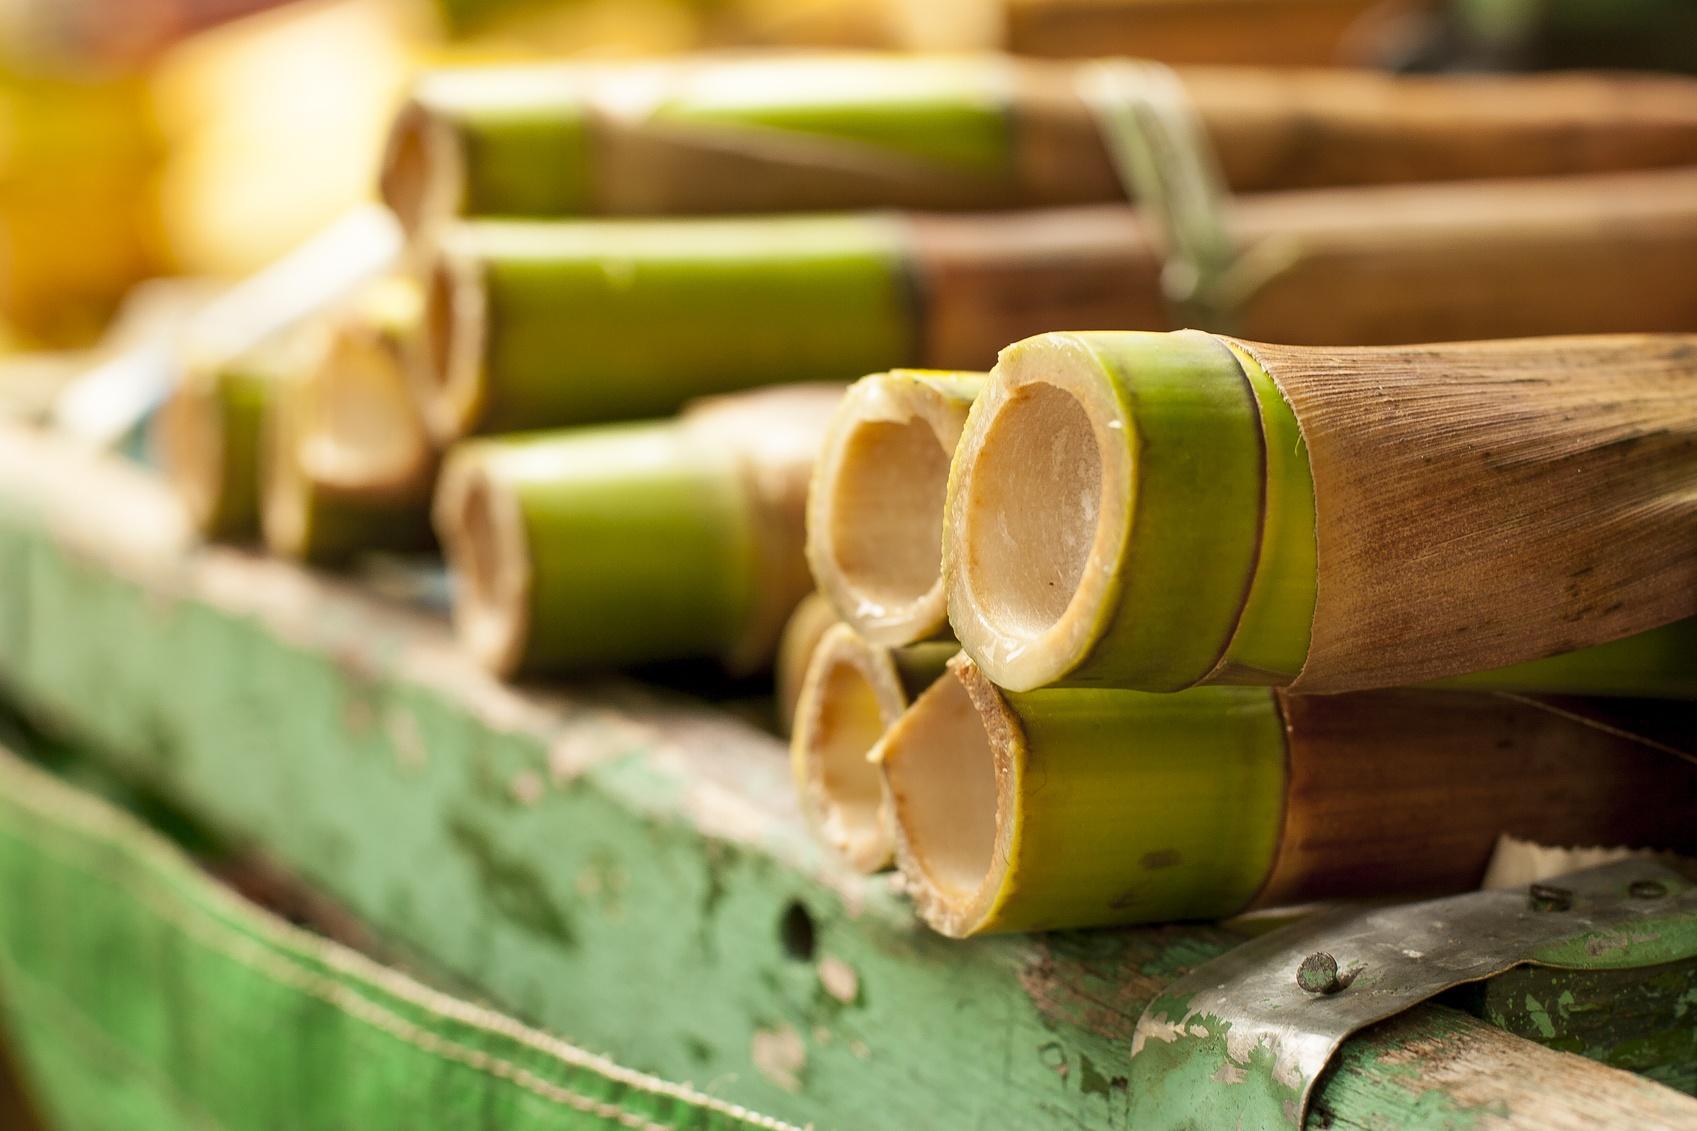 bambou porte bonheur une plante qui attire de bonnes. Black Bedroom Furniture Sets. Home Design Ideas